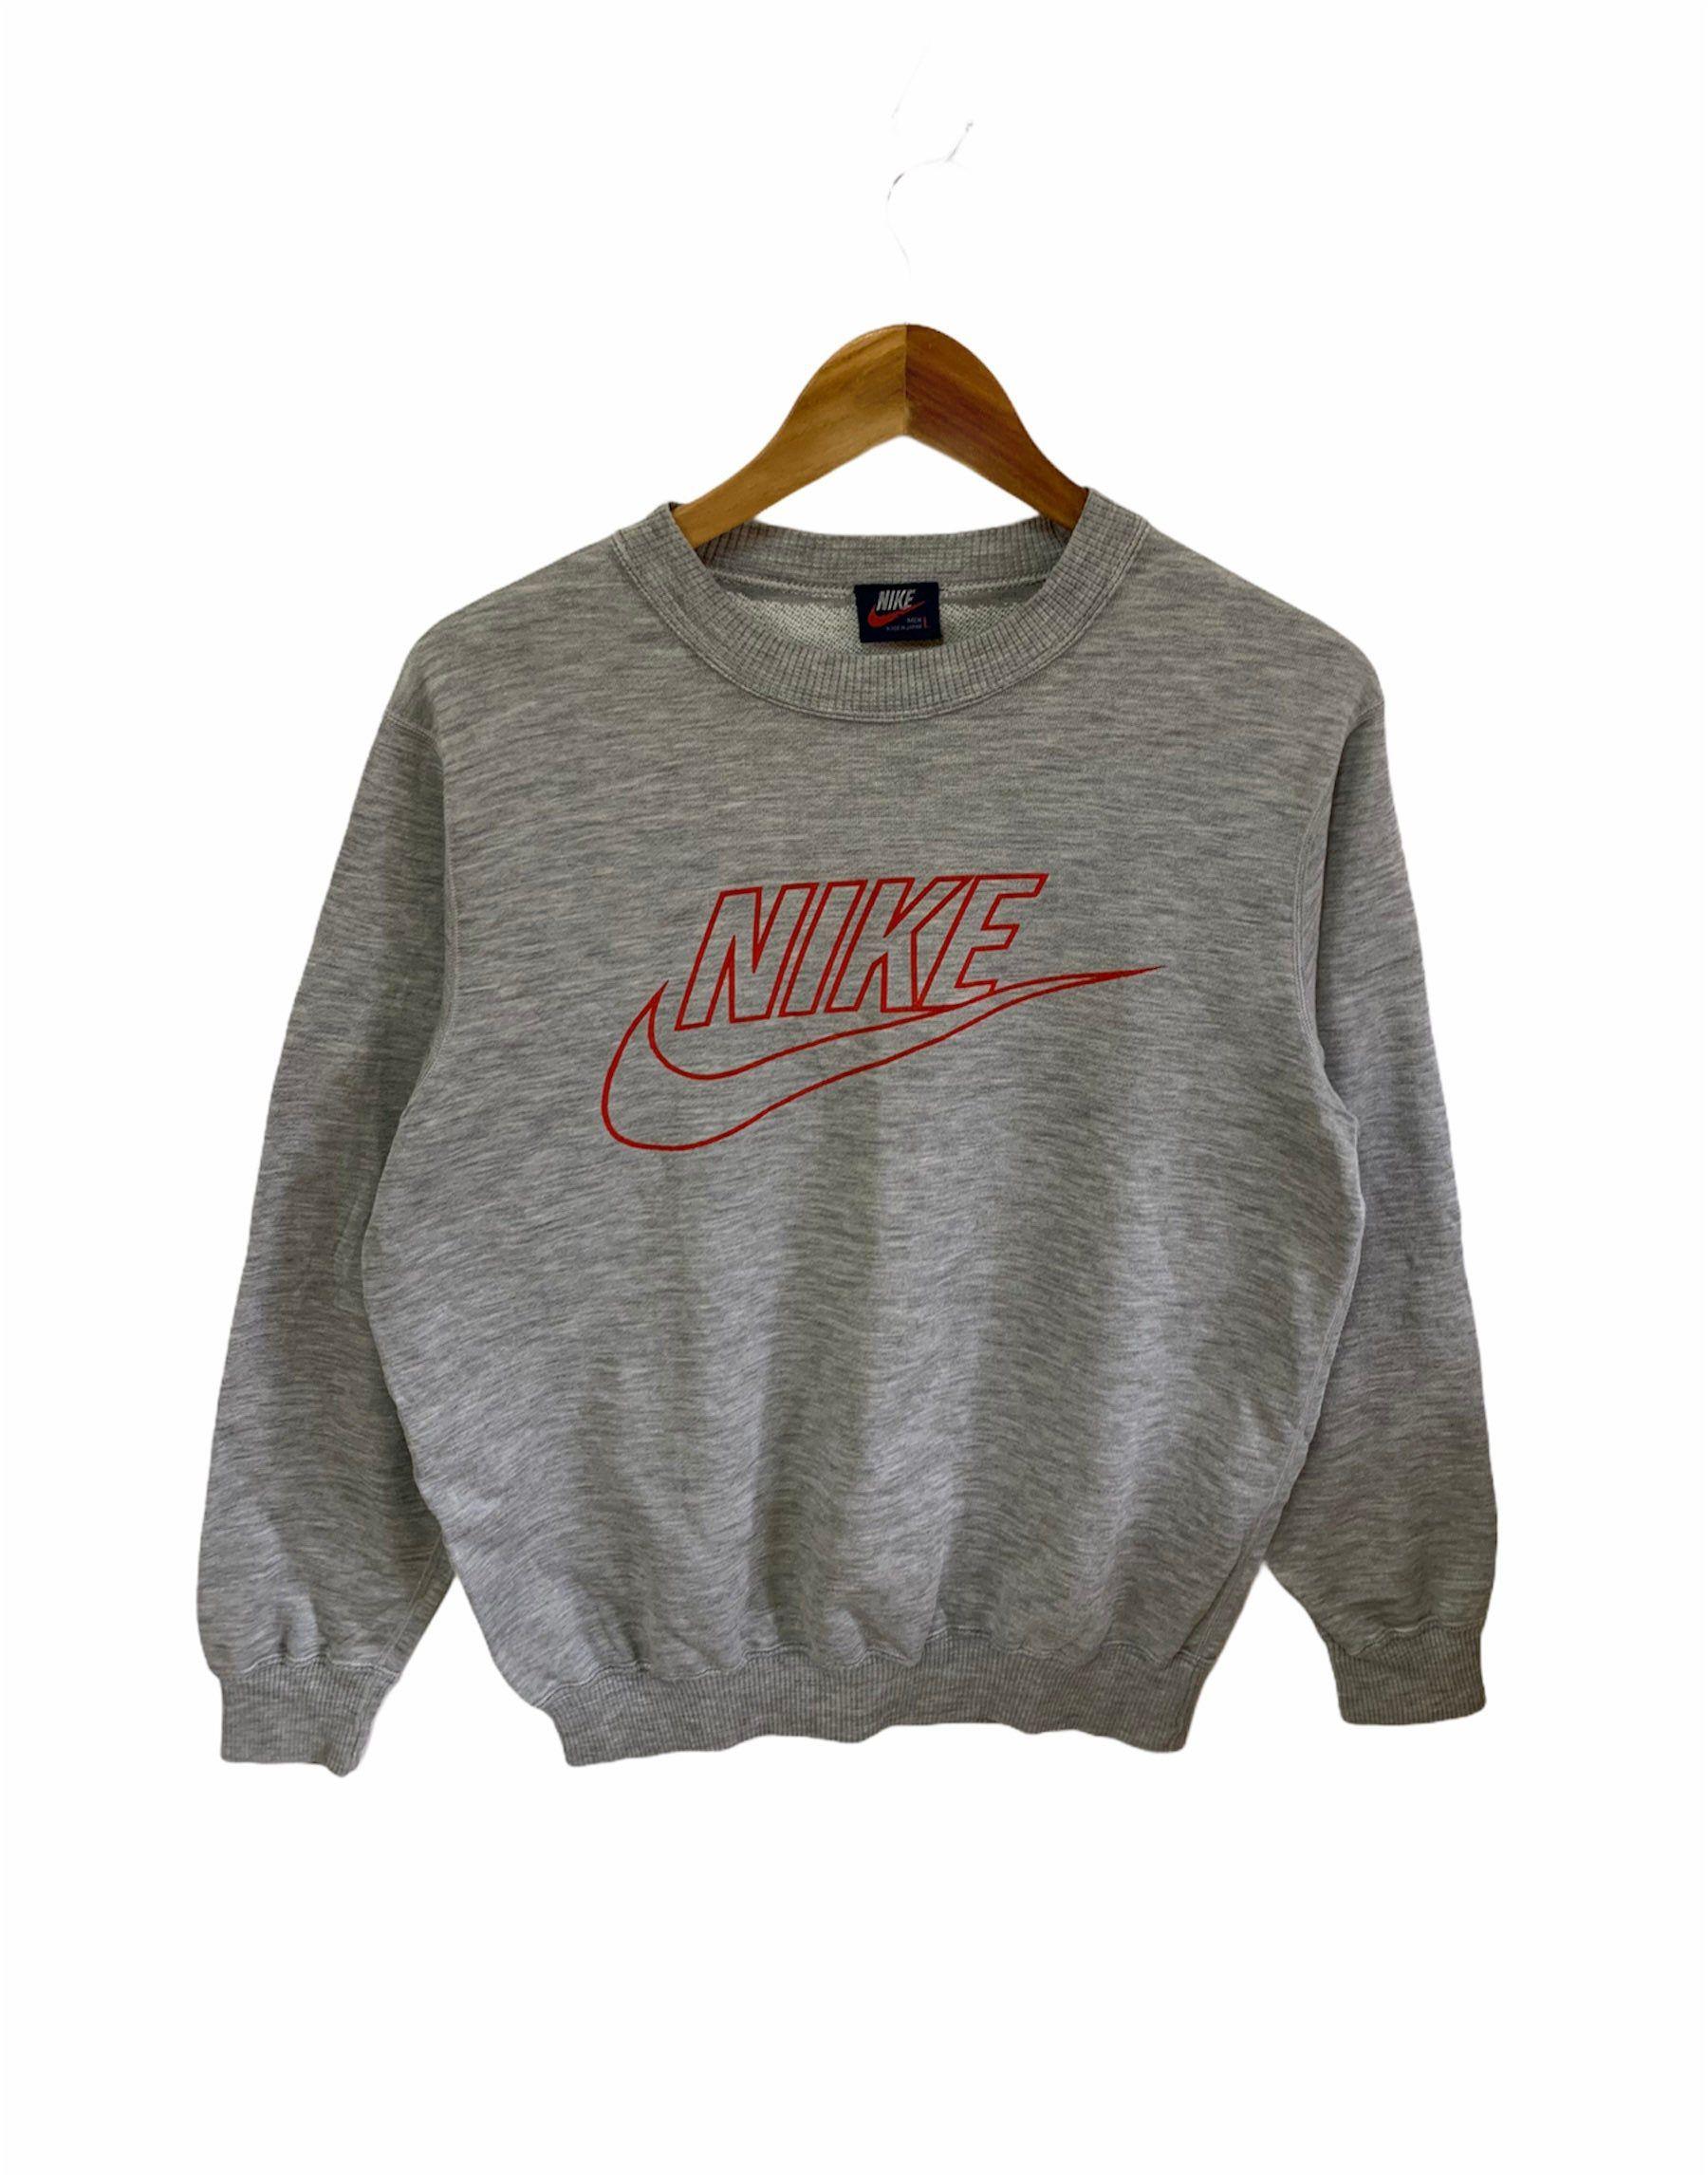 Vintage Nike Sweatshirt Nike Swoosh Made In Japan Large Size Etsy Vintage Nike Sweatshirt Nike Sweatshirts Vintage Nike [ 2292 x 1800 Pixel ]